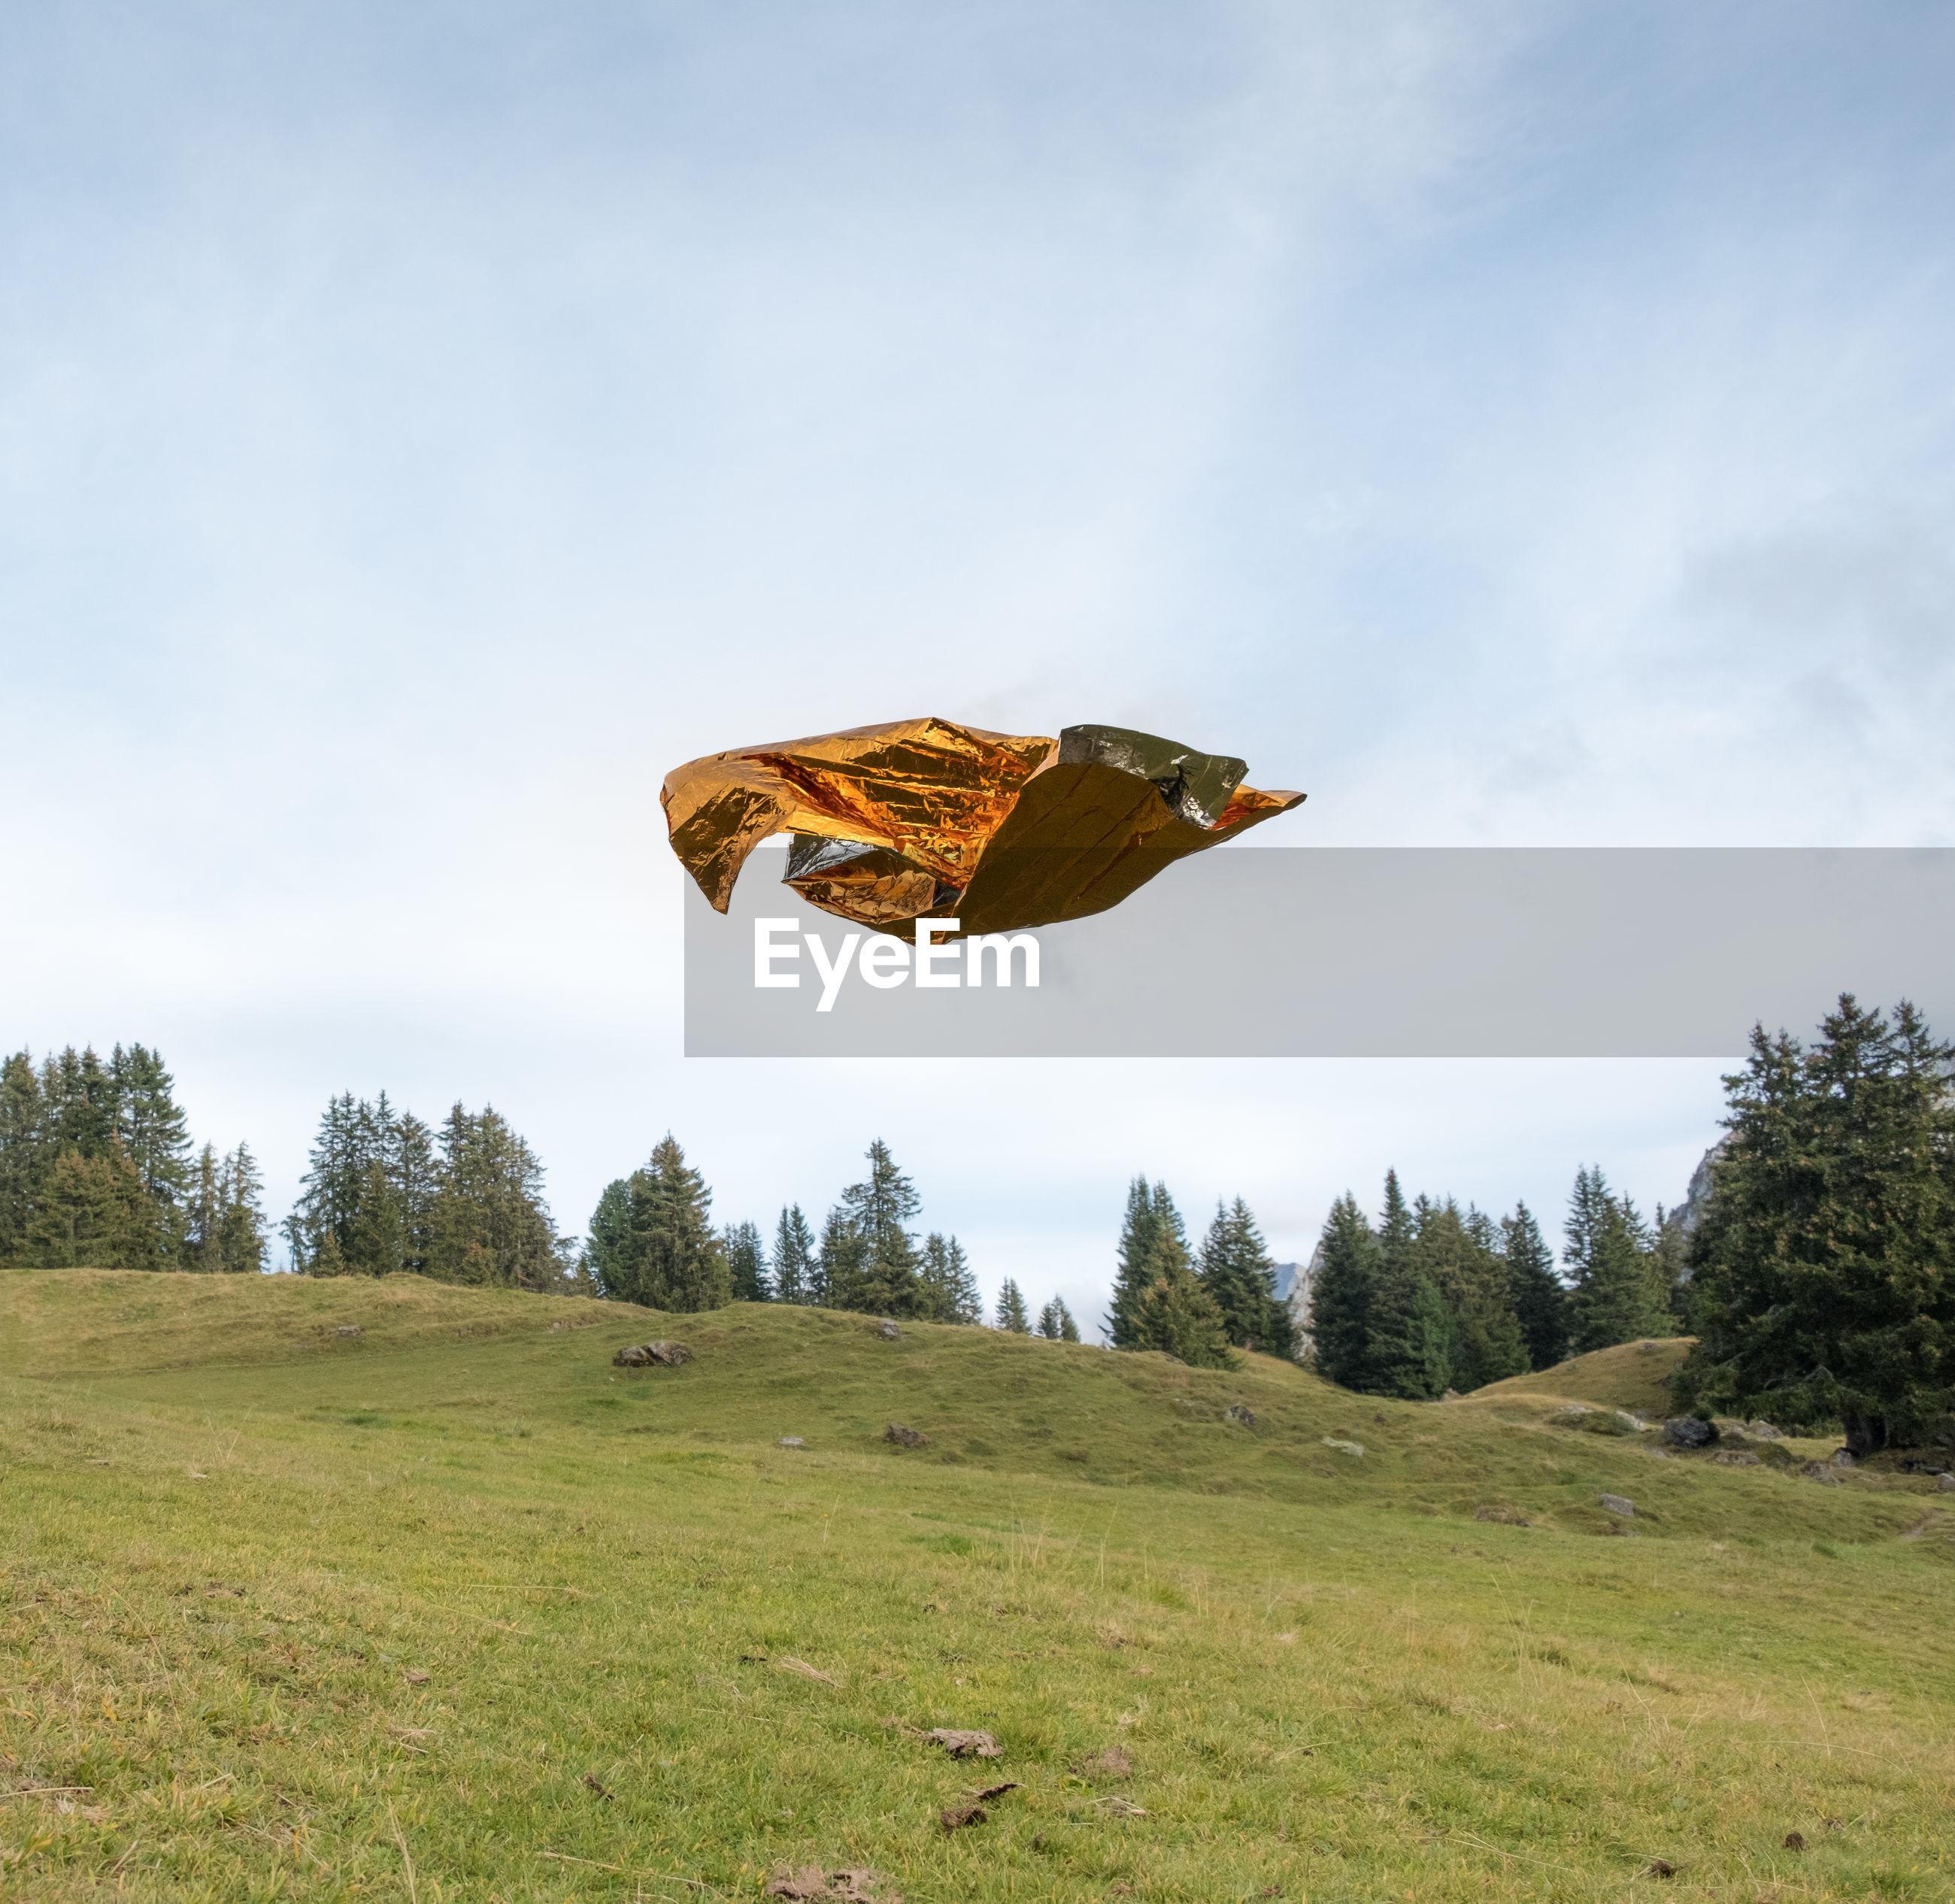 Foil flying over grassy field against sky